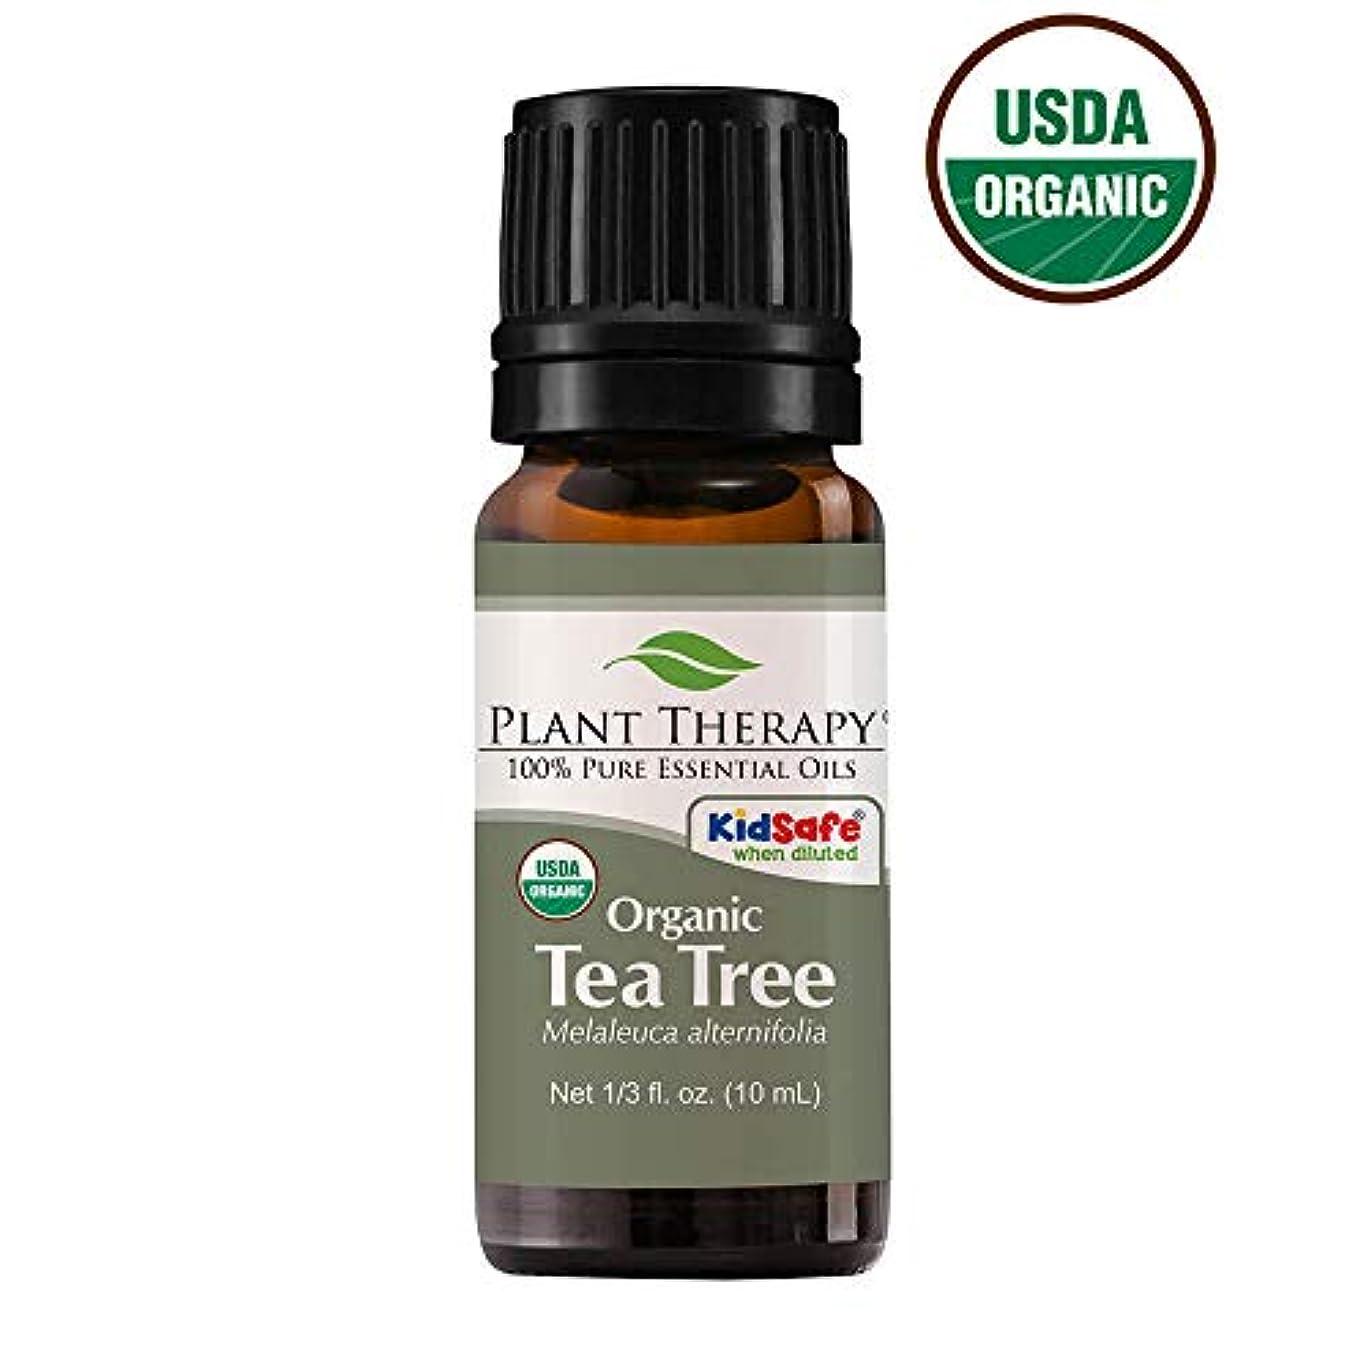 気取らない拷問スポンサーPlant Therapy Essential Oils (プラントセラピー エッセンシャルオイル) オーガニック ティーツリー (メラルーカ) エッセンシャルオイル